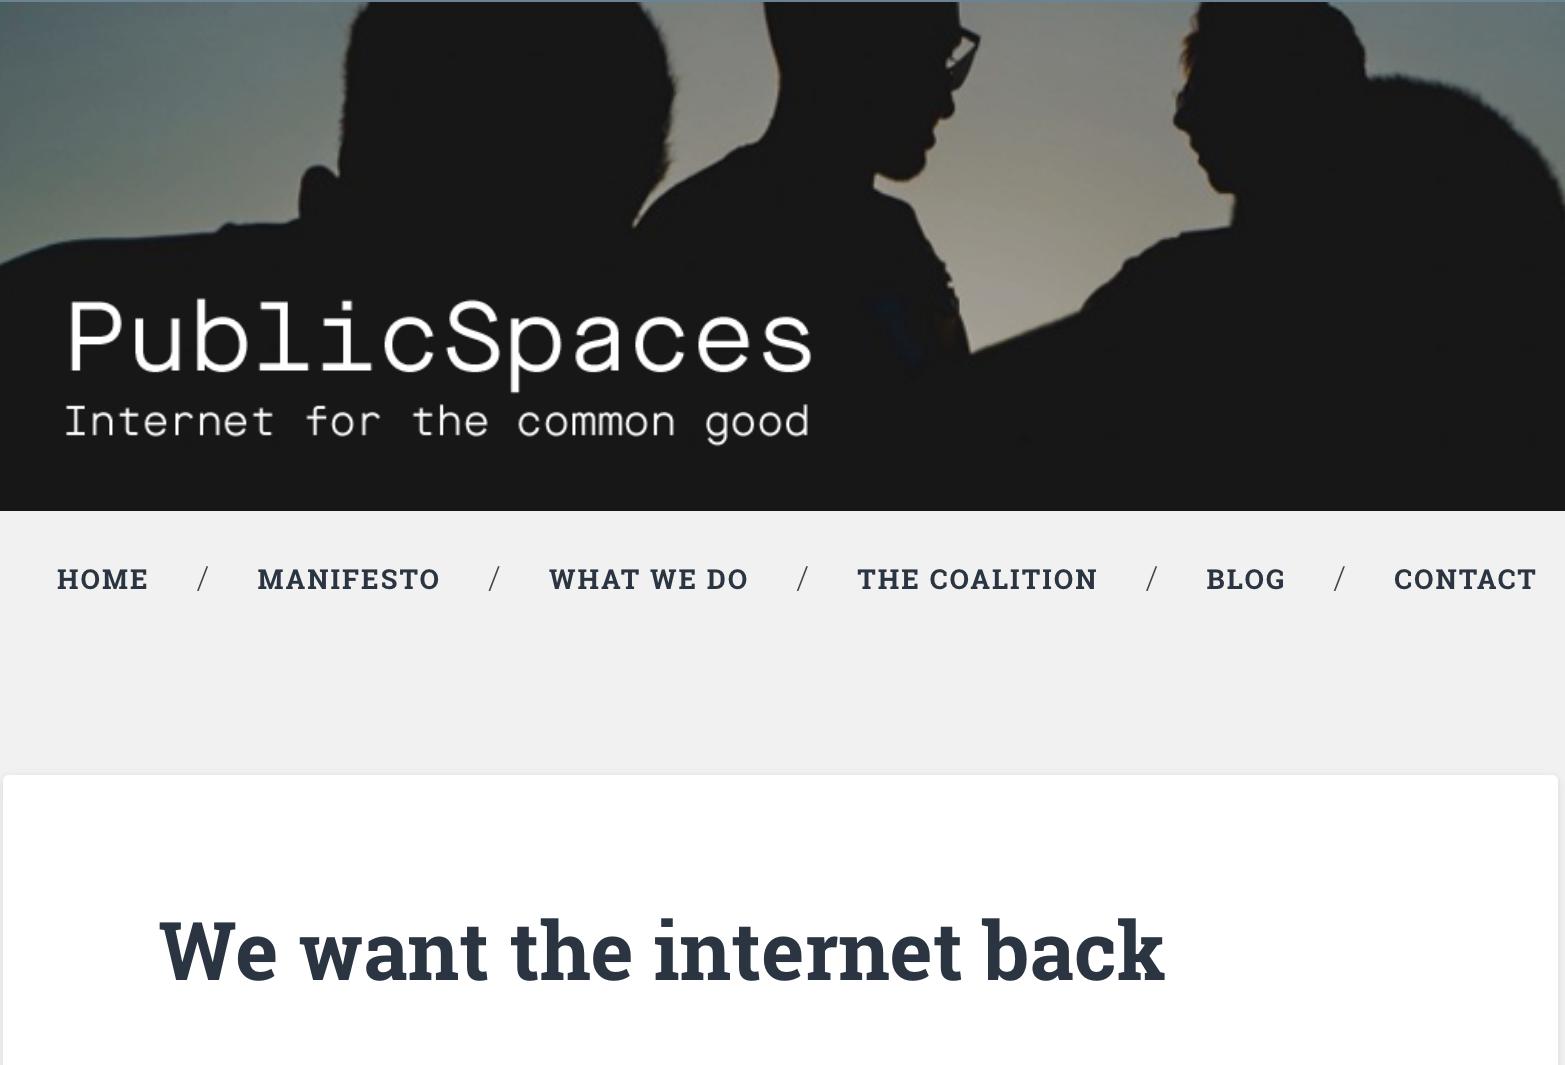 Hoe gaat PublicSpaces het internet terugwinnen?